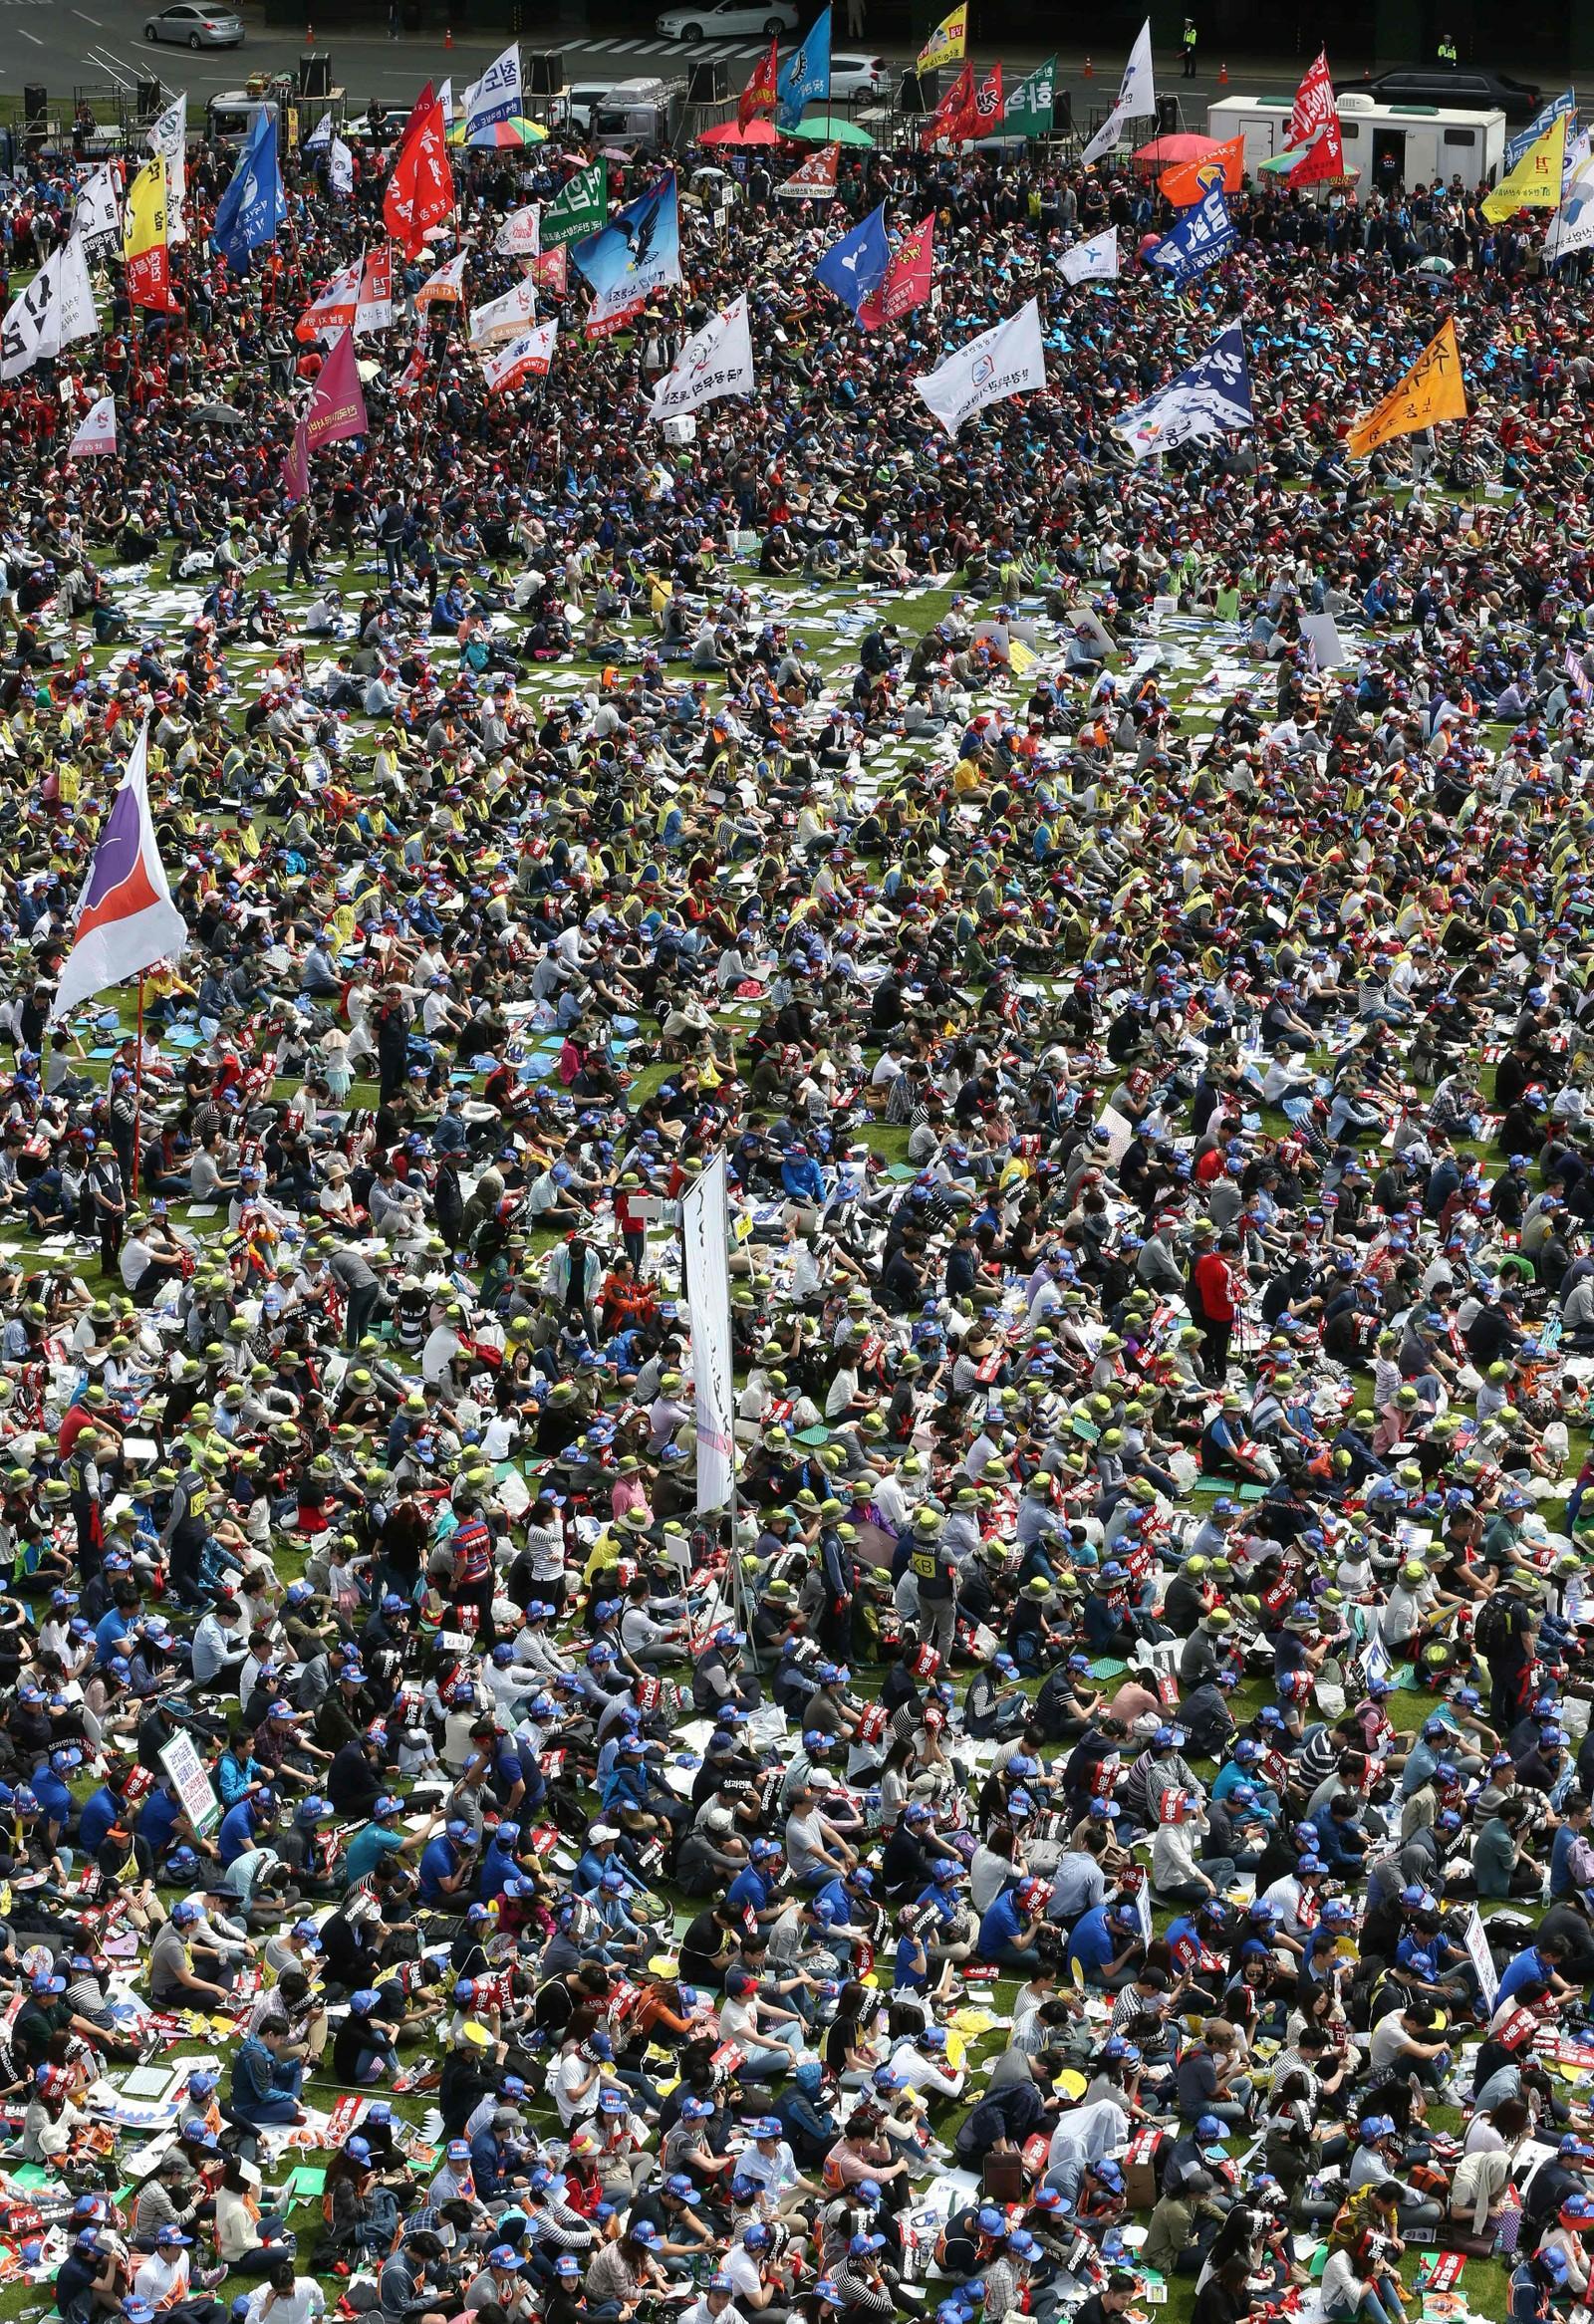 I Sør-Korea tok titusener del i 1. mai-markeringen i Seoul søndag. De kritiserte arbeidsreformer fremlagt av regjeringen og protesterte mot de lave lønningene i landet.